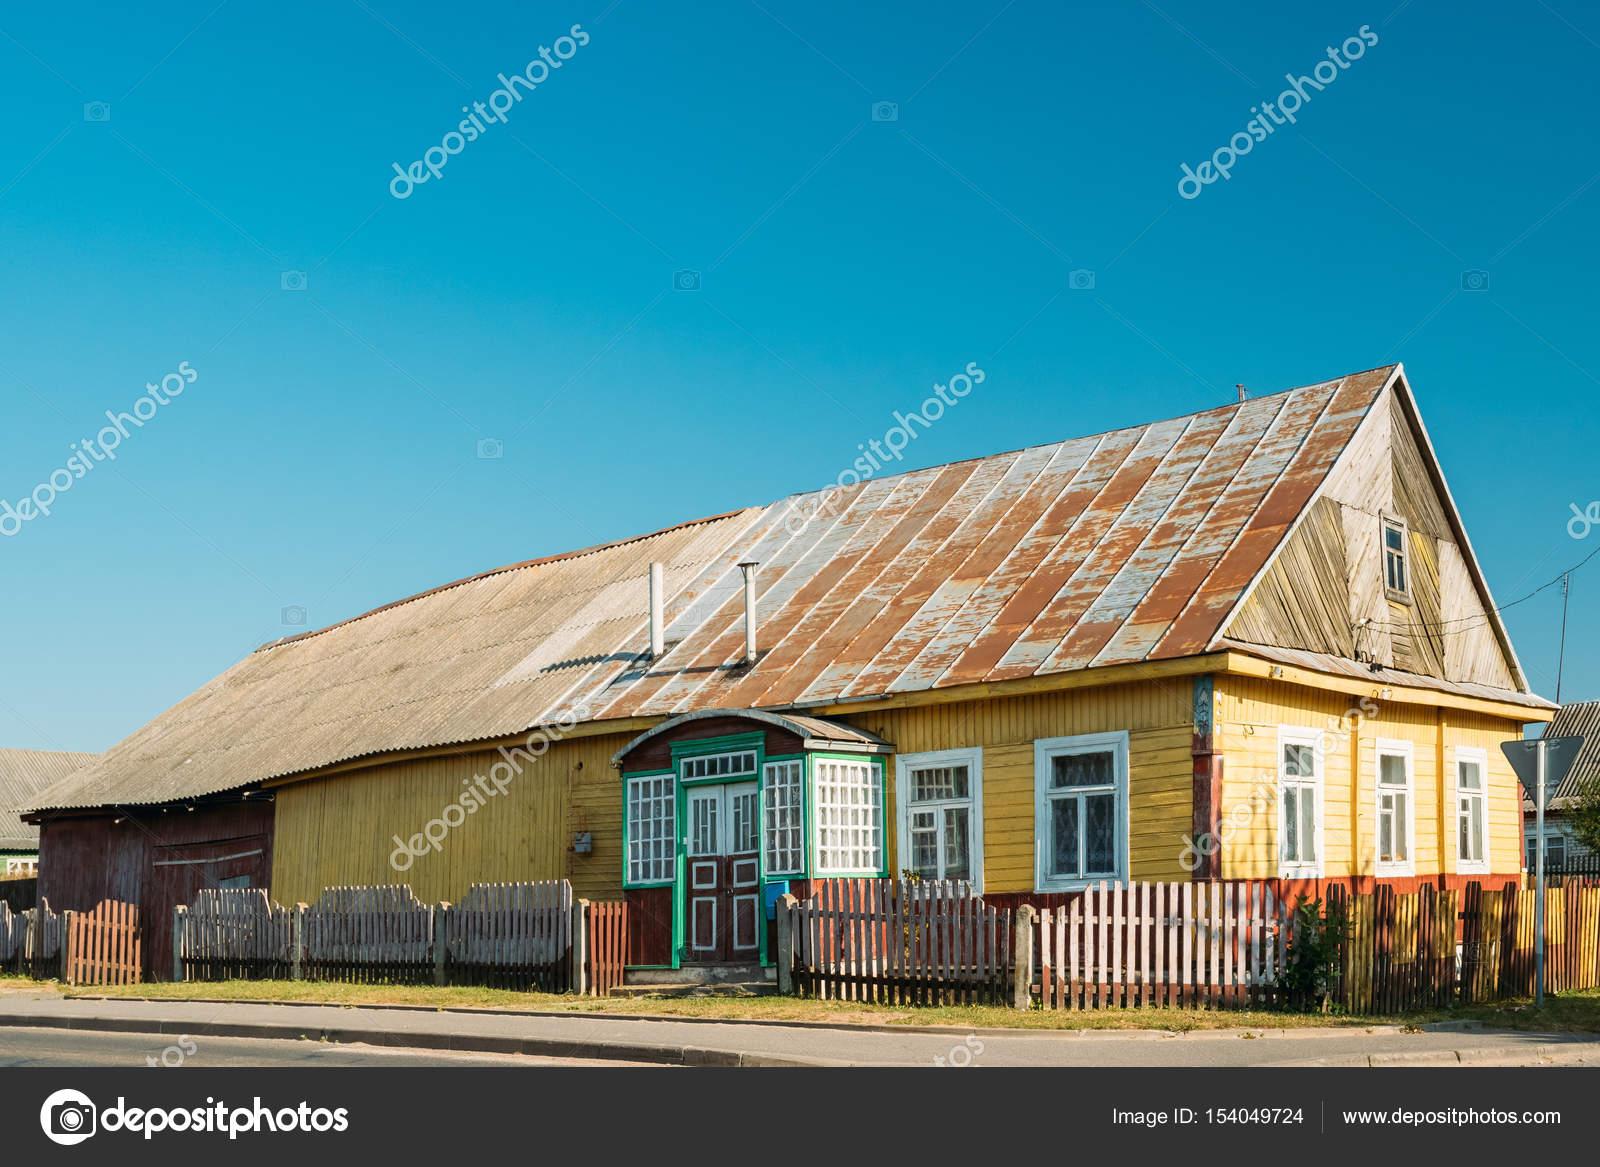 Verschiedene Russisches Holzhaus Ideen Von Alte Russische Traditionelle Im Dorf Oder Russland